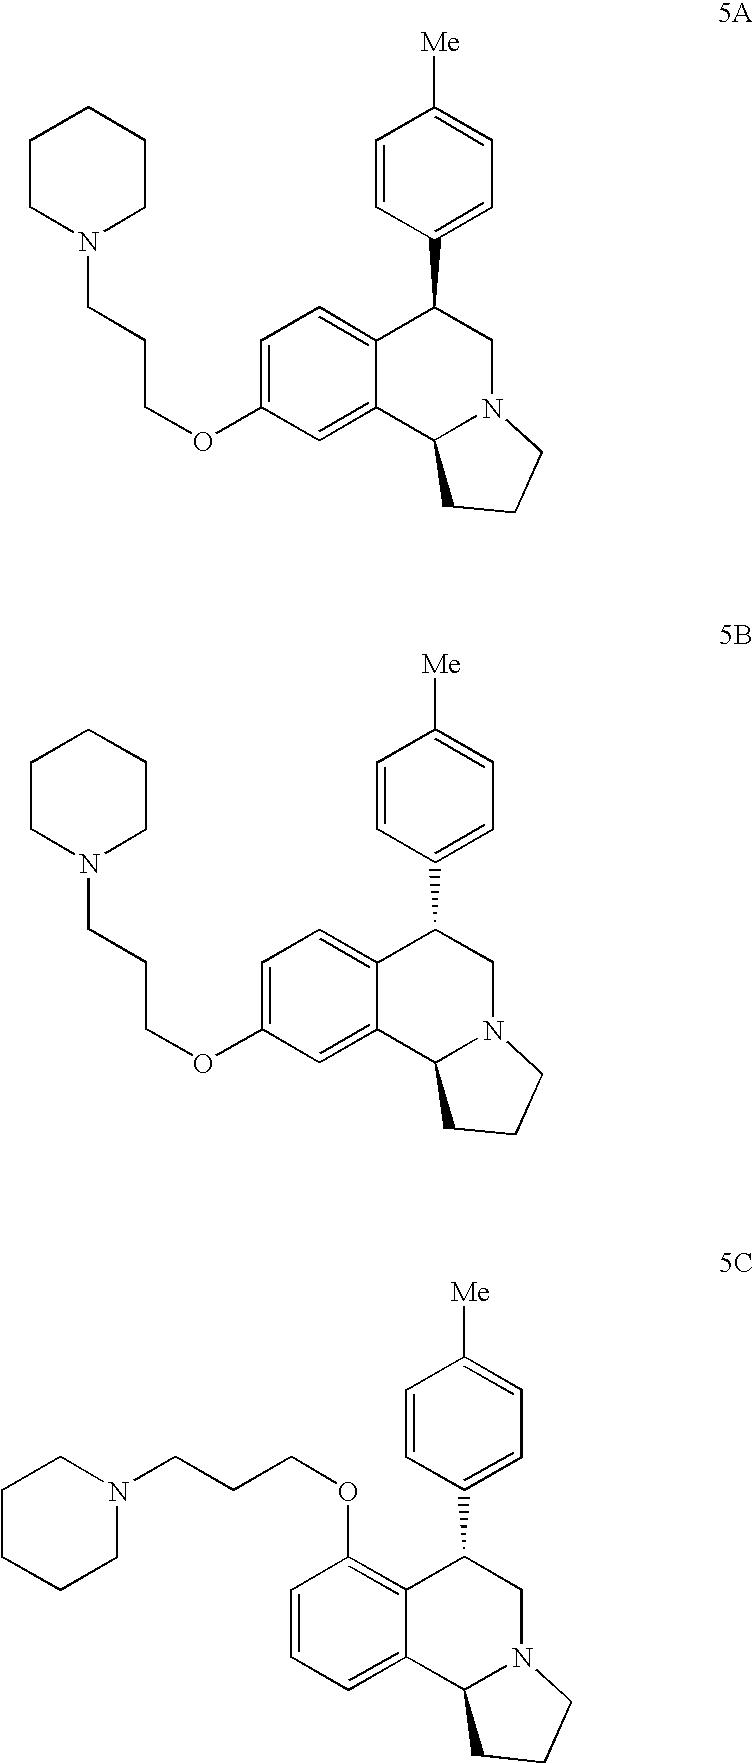 Figure US08273762-20120925-C00010